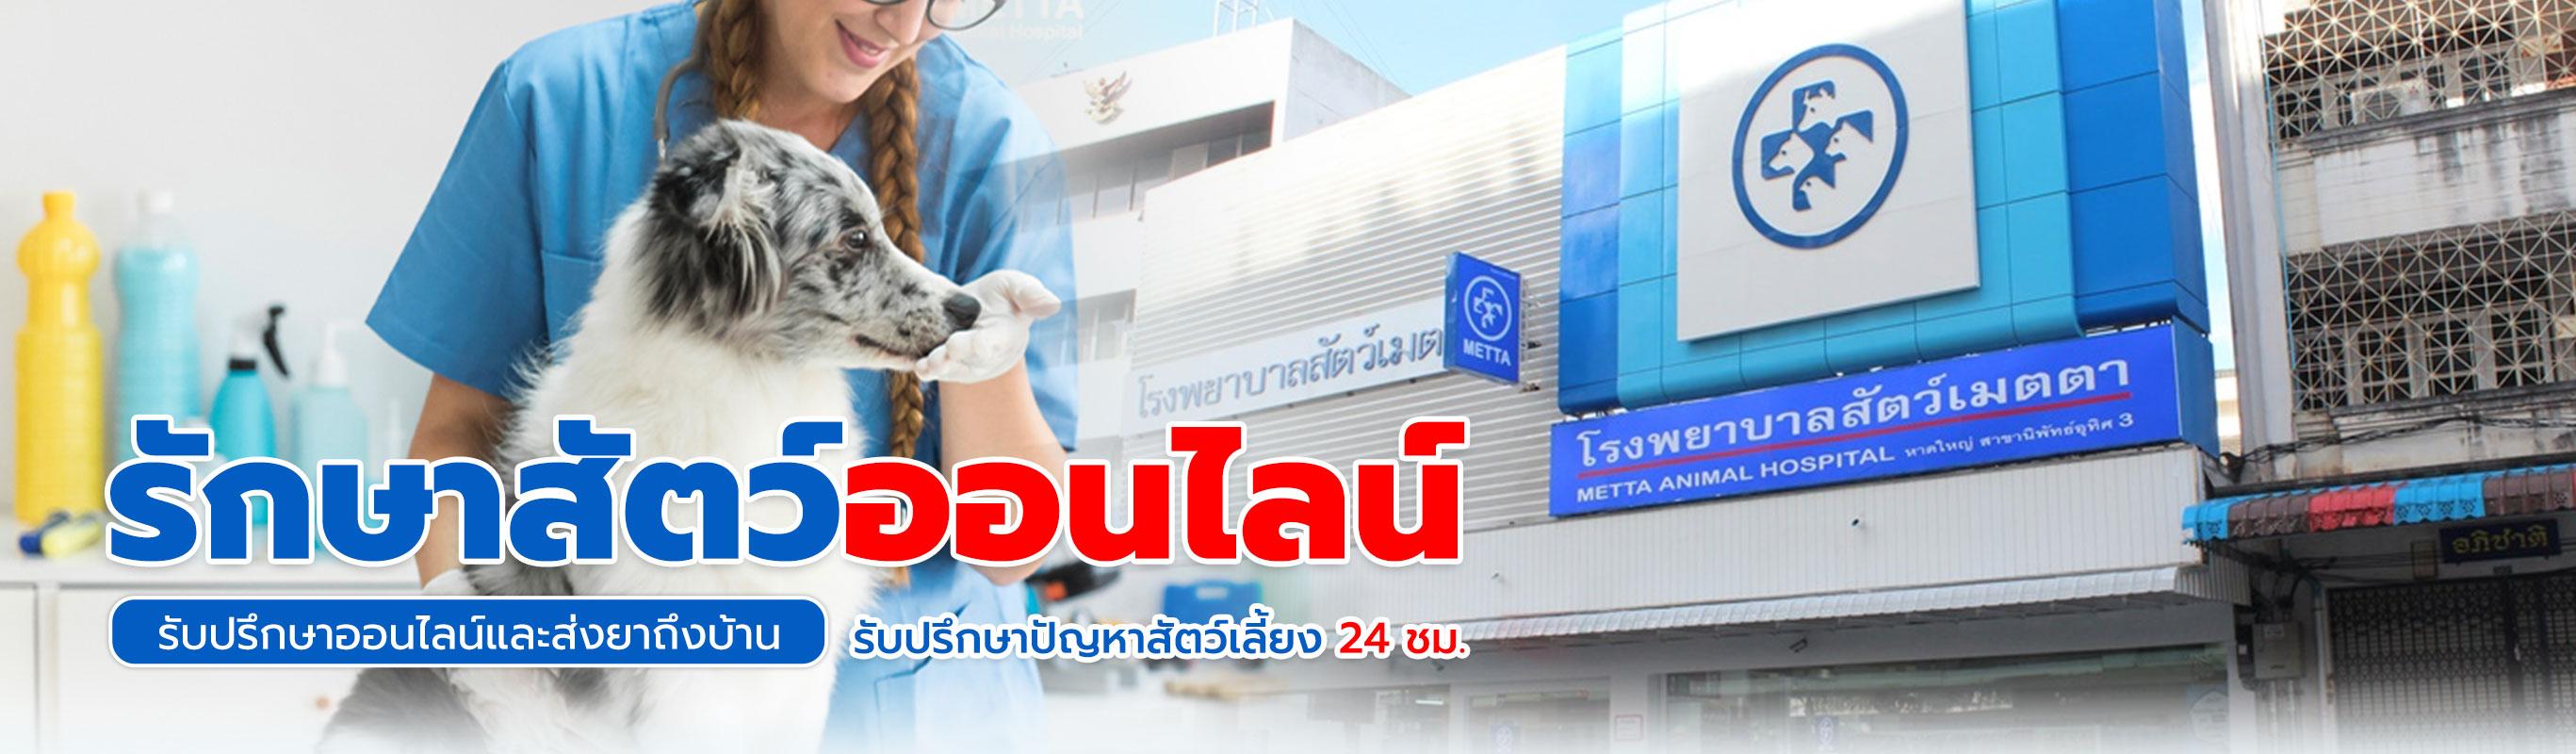 โรงพยาบาลสัตว์เมตตา สุราษฎร์ธานี